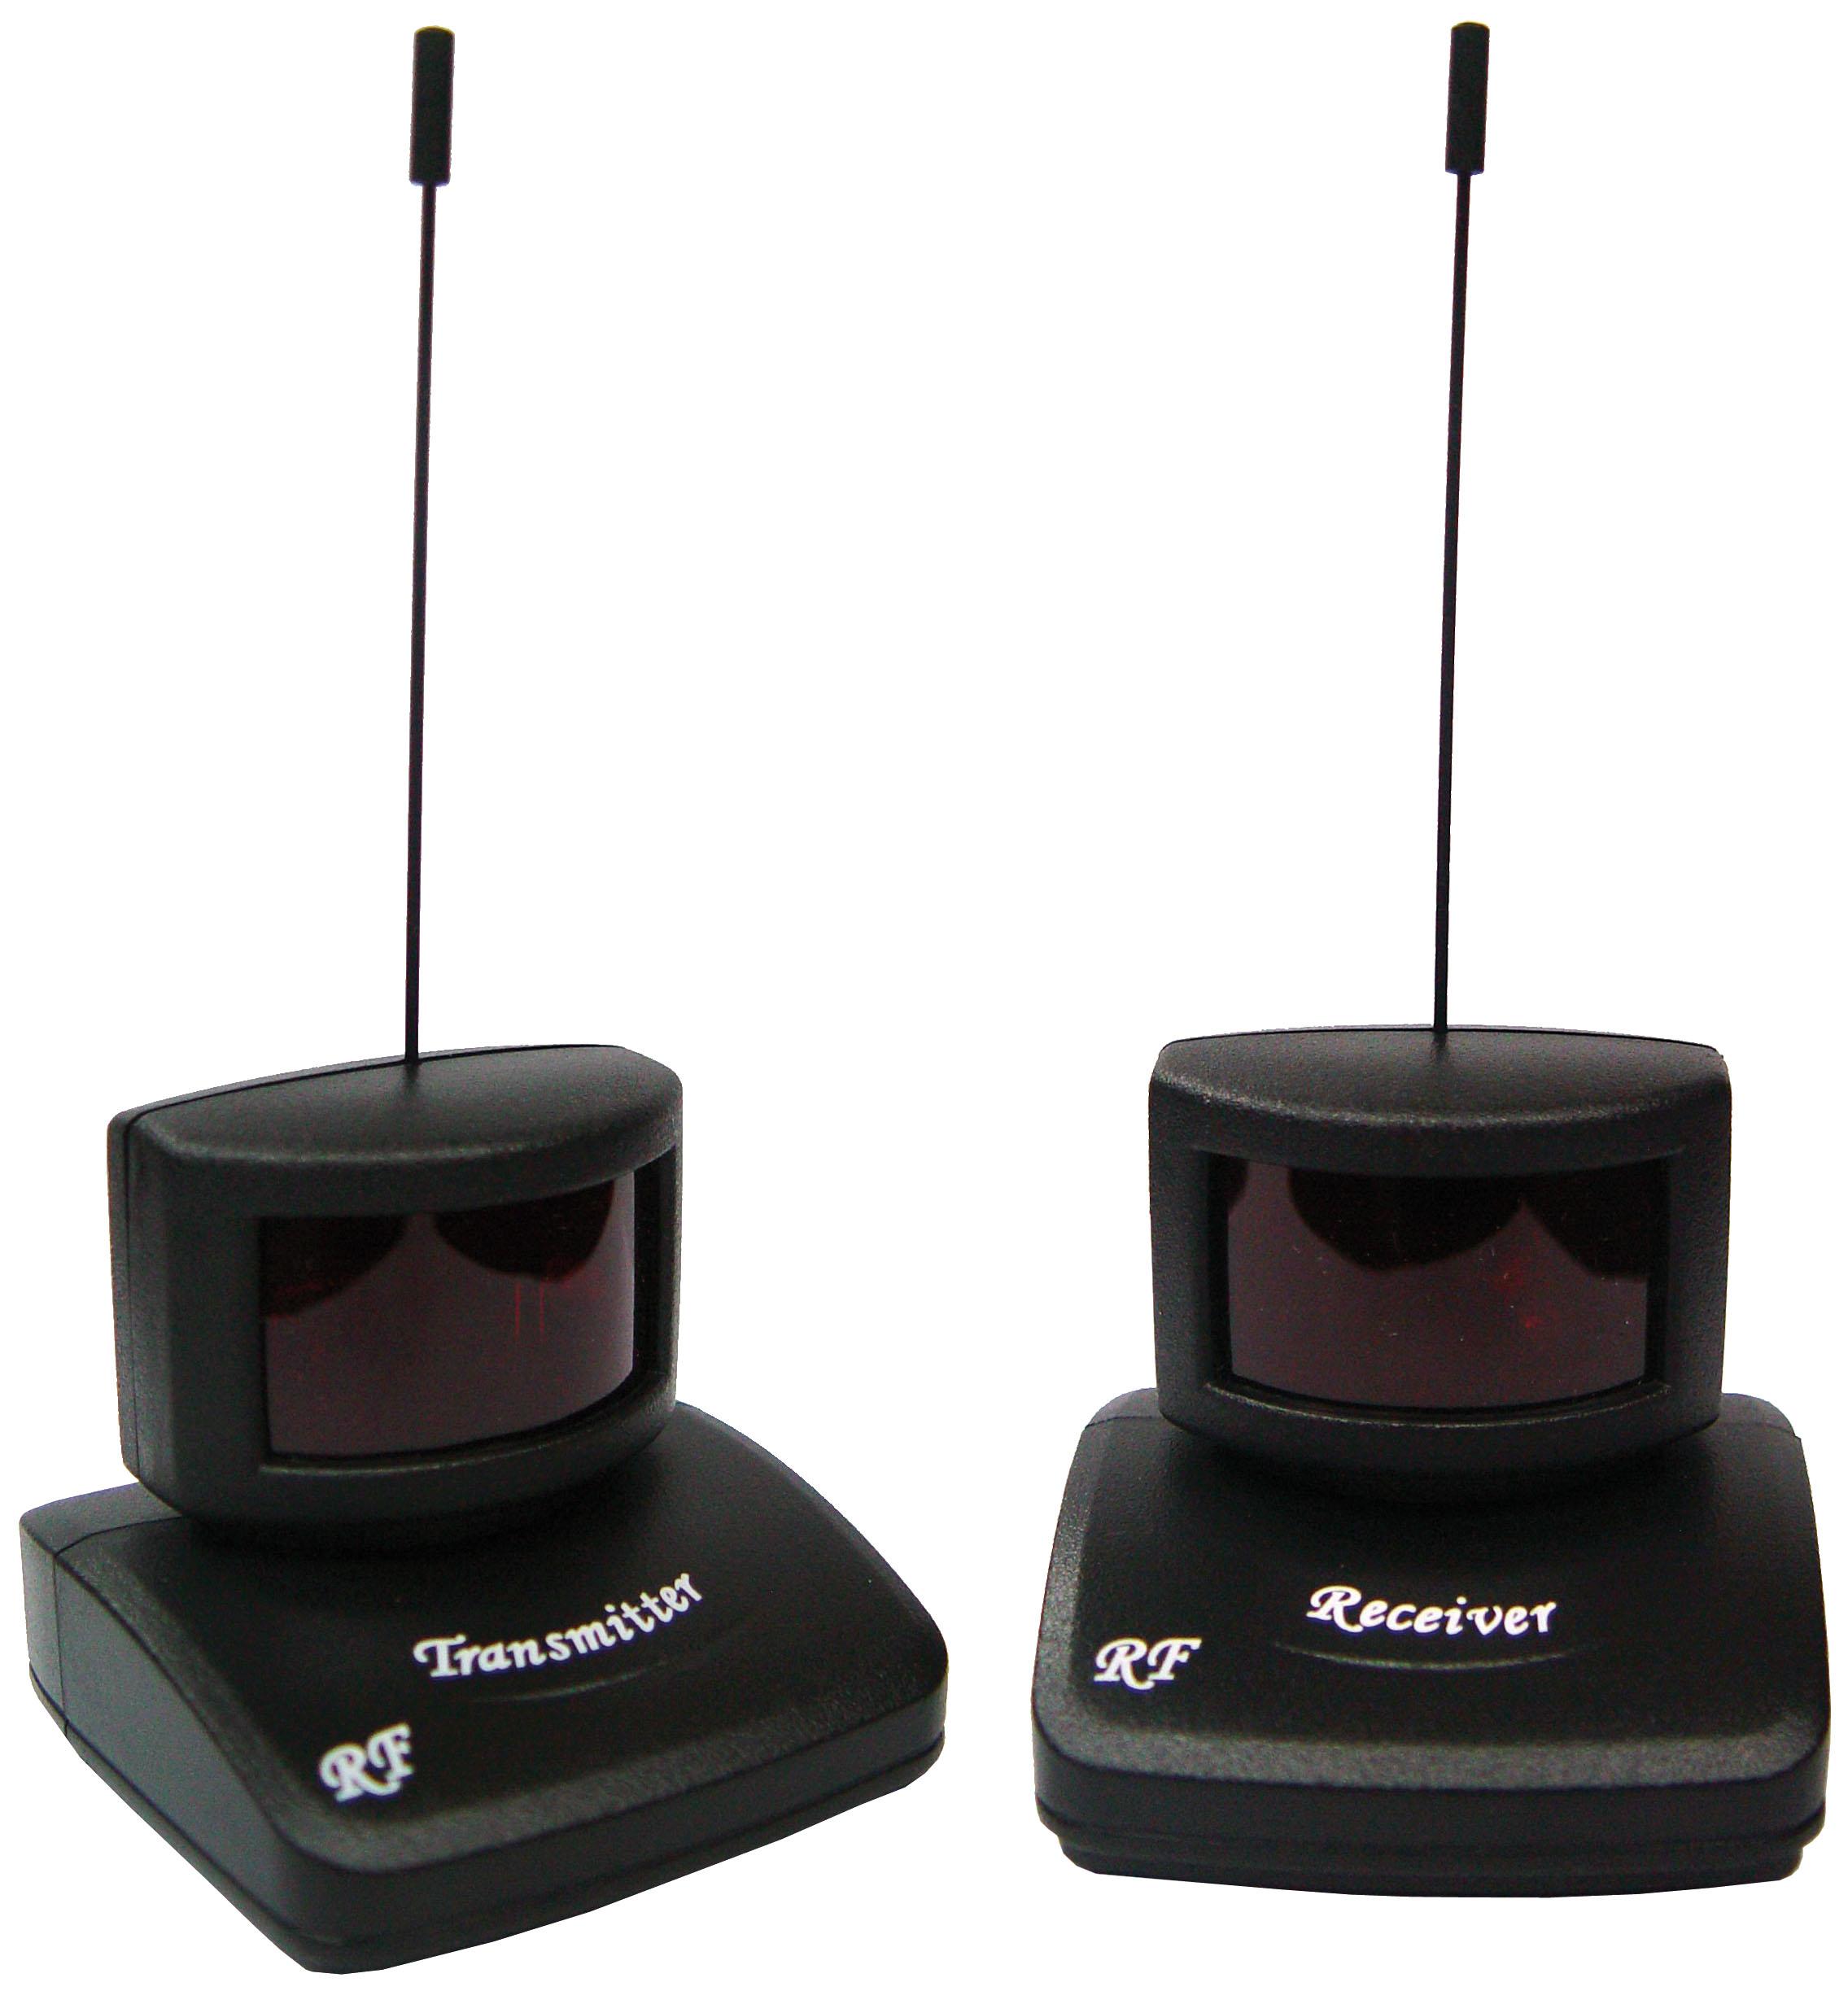 Ripetitore di Telecomando via radio a banda estesa compatibile Sky